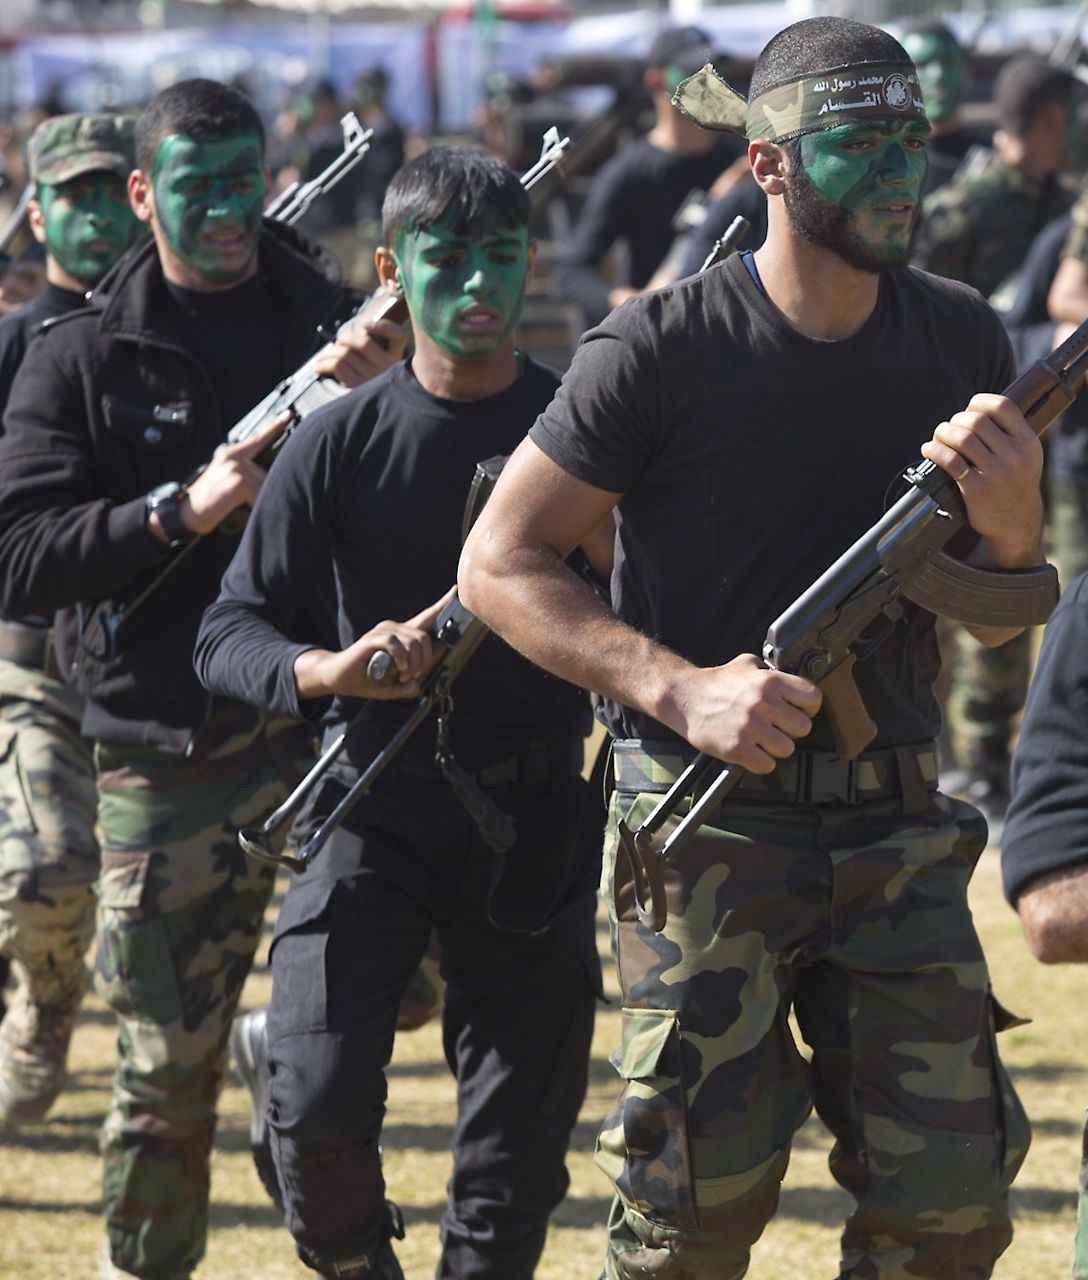 Campo de treinamiento do Hamas em Gaza